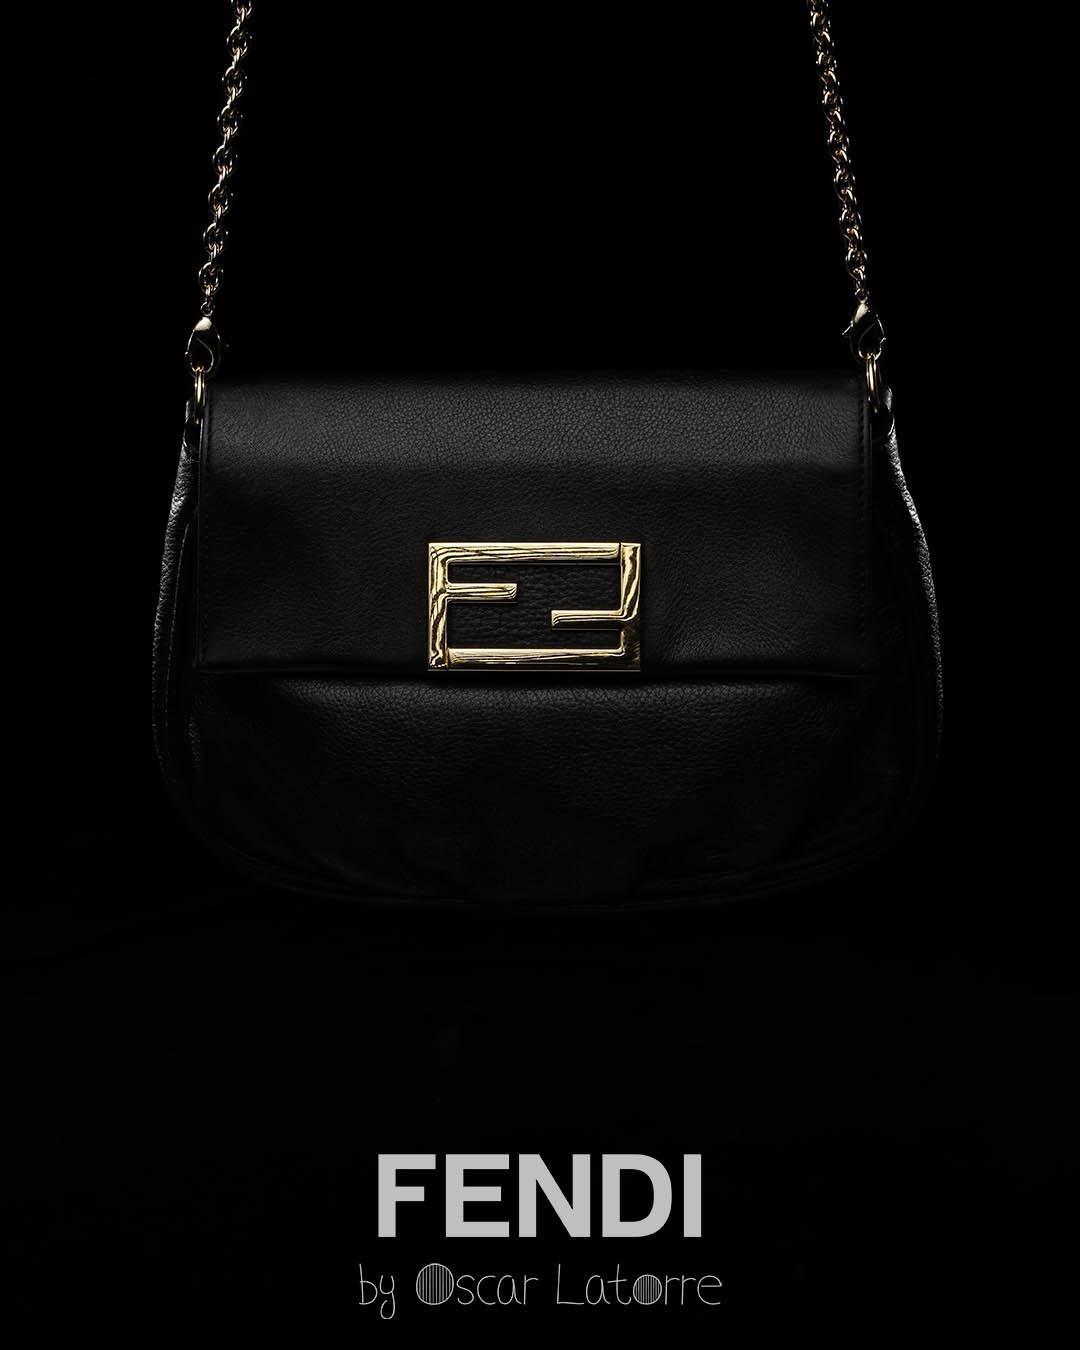 Fendi by Oscar Latorre